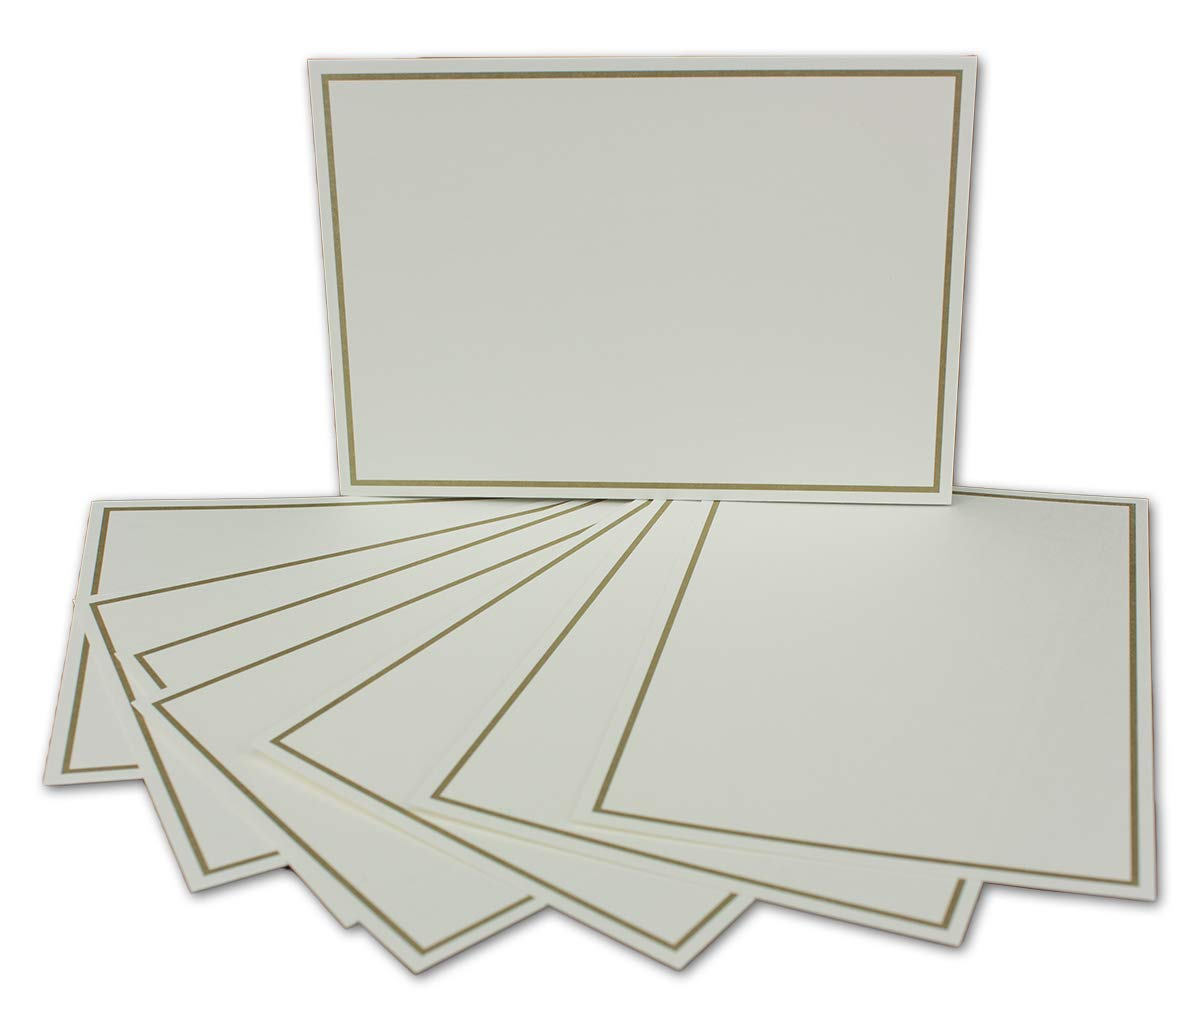 Postkarten-Einfachkarte-DIN Postkarten-Einfachkarte-DIN Postkarten-Einfachkarte-DIN A6-240 g m² - Natur-Weiss-Creme mit Rahmen in Hellblau - 200 Stück - Premium QUALITÄT - 10,5 x 14,8 cm - Ideal für Grußkarten und Einladungen - NEUSER FarbenFroh B07JPDQHCT | Queensland  53c1d1